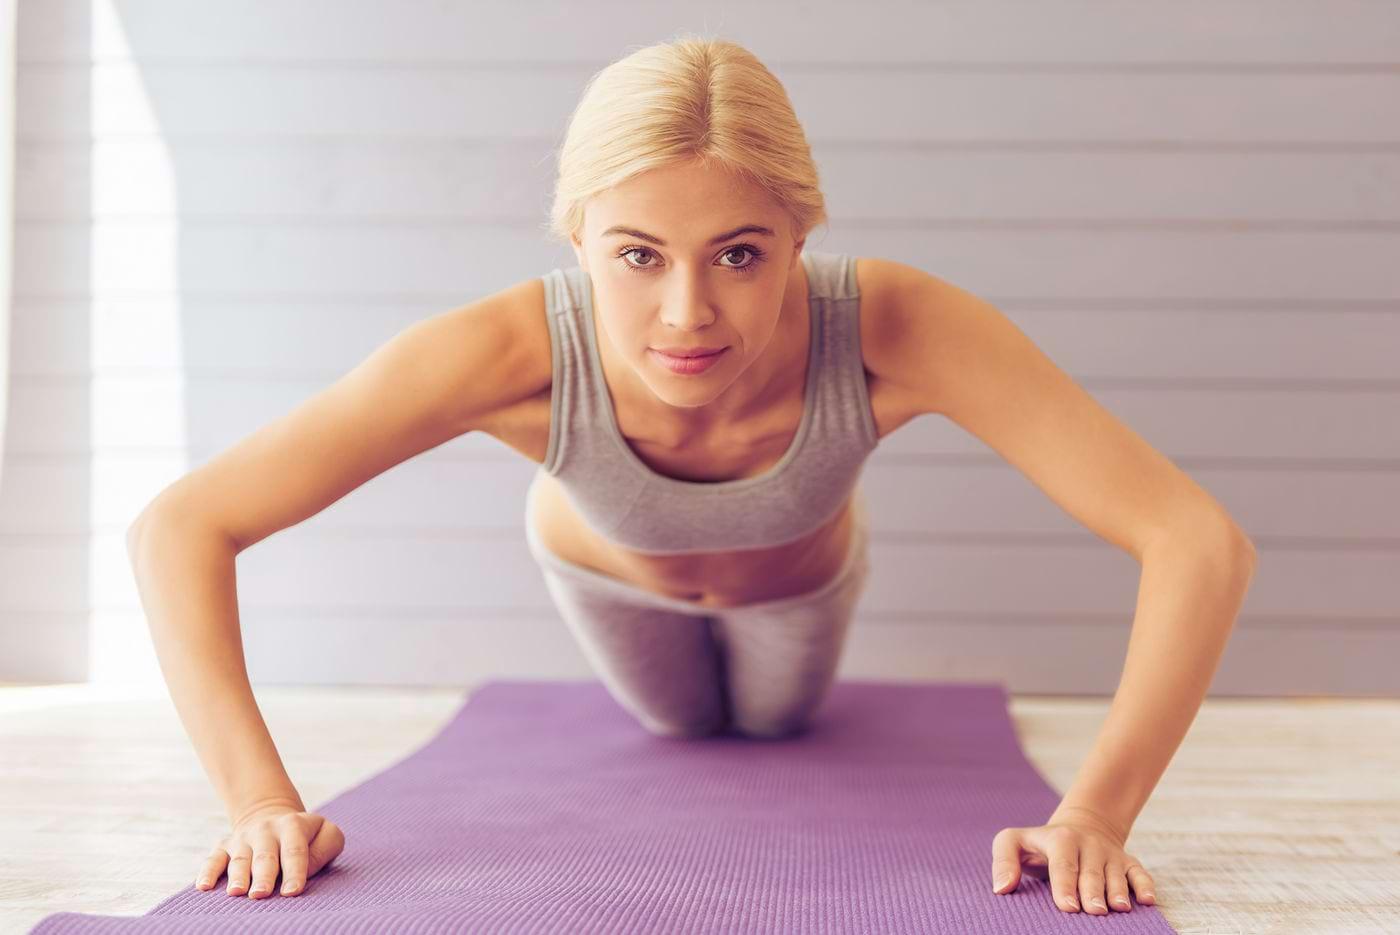 Ce exerciții poți face pentru a scăpa de colăceii din jurul taliei?